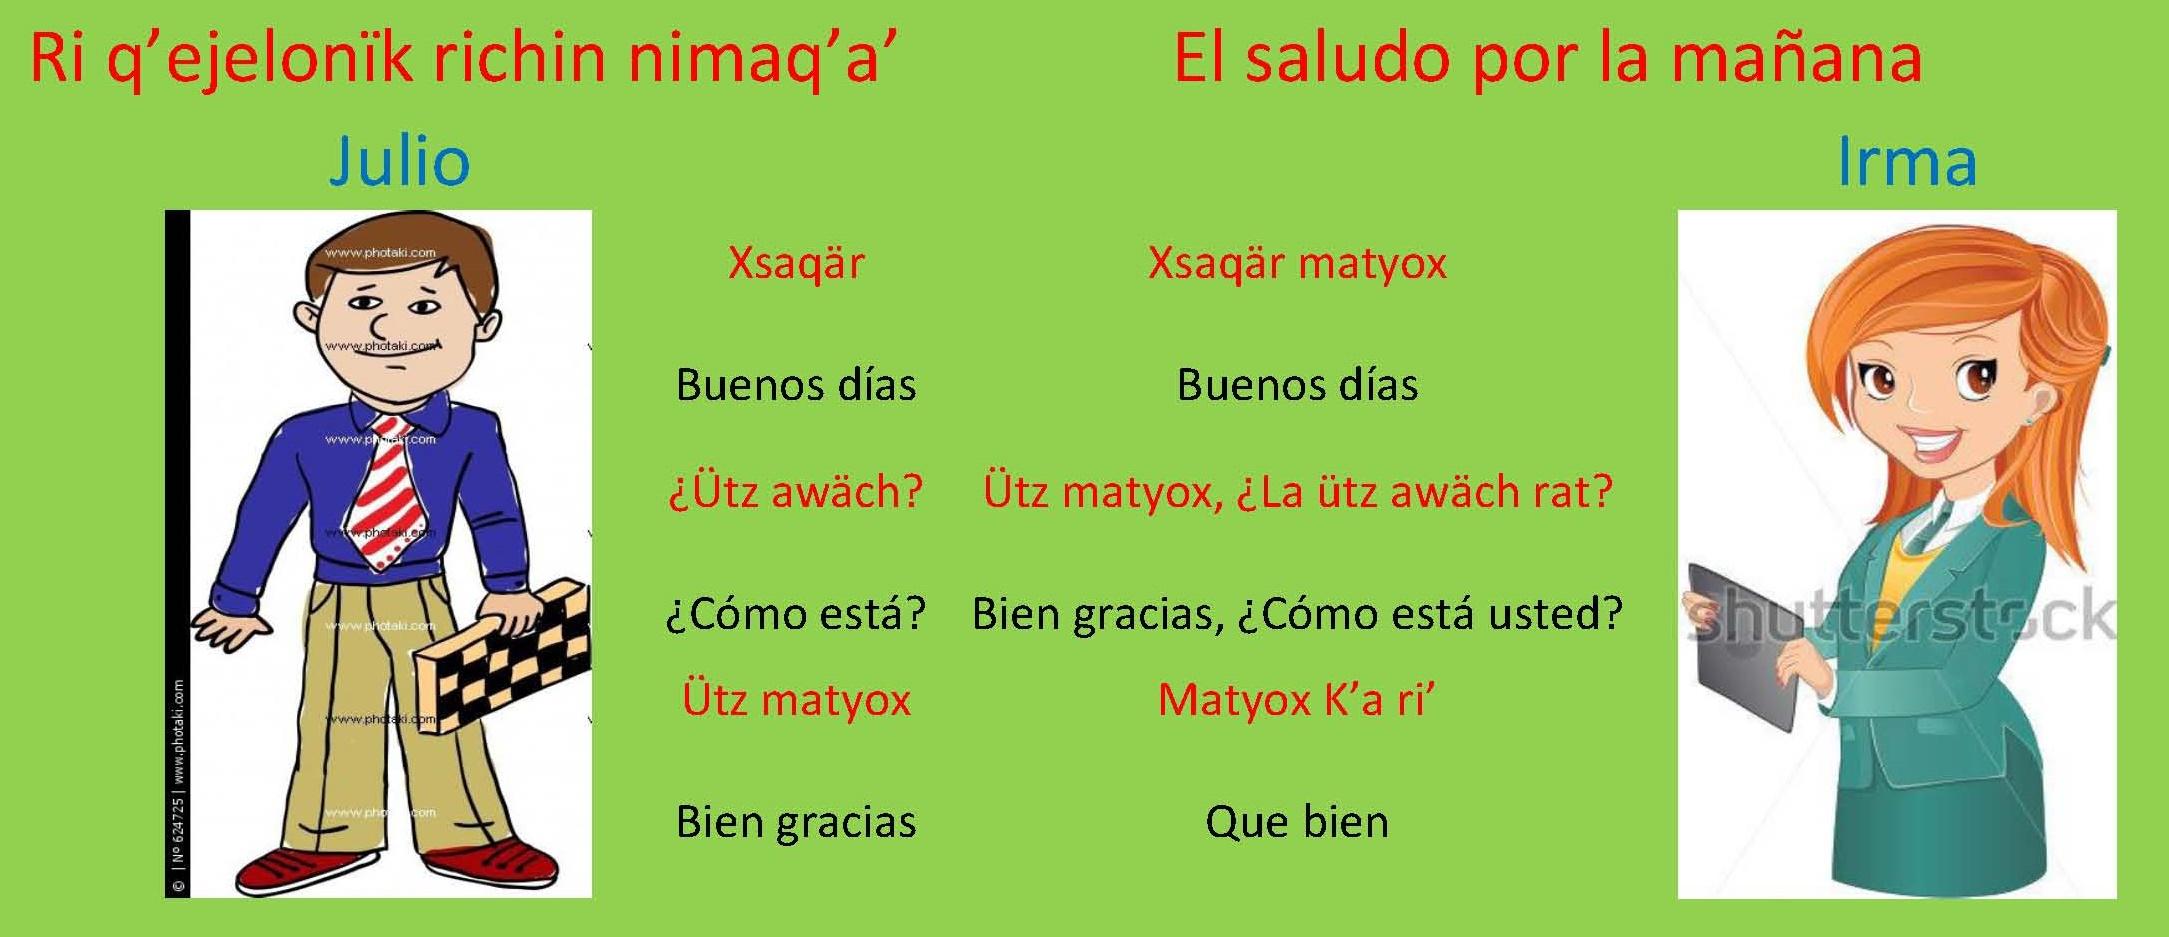 Veamos Los Saludos En El Idioma Maya Kaqchikel